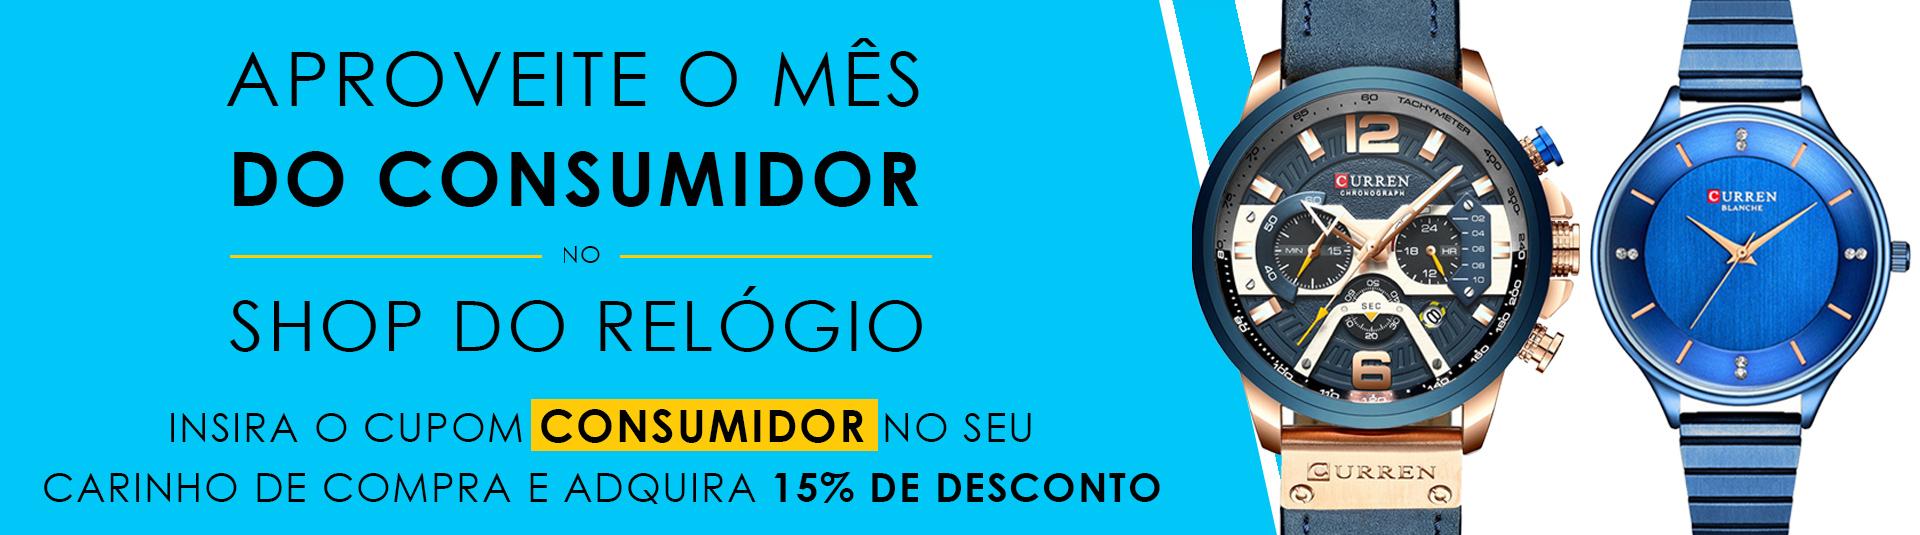 Banner Mês do Consumidor